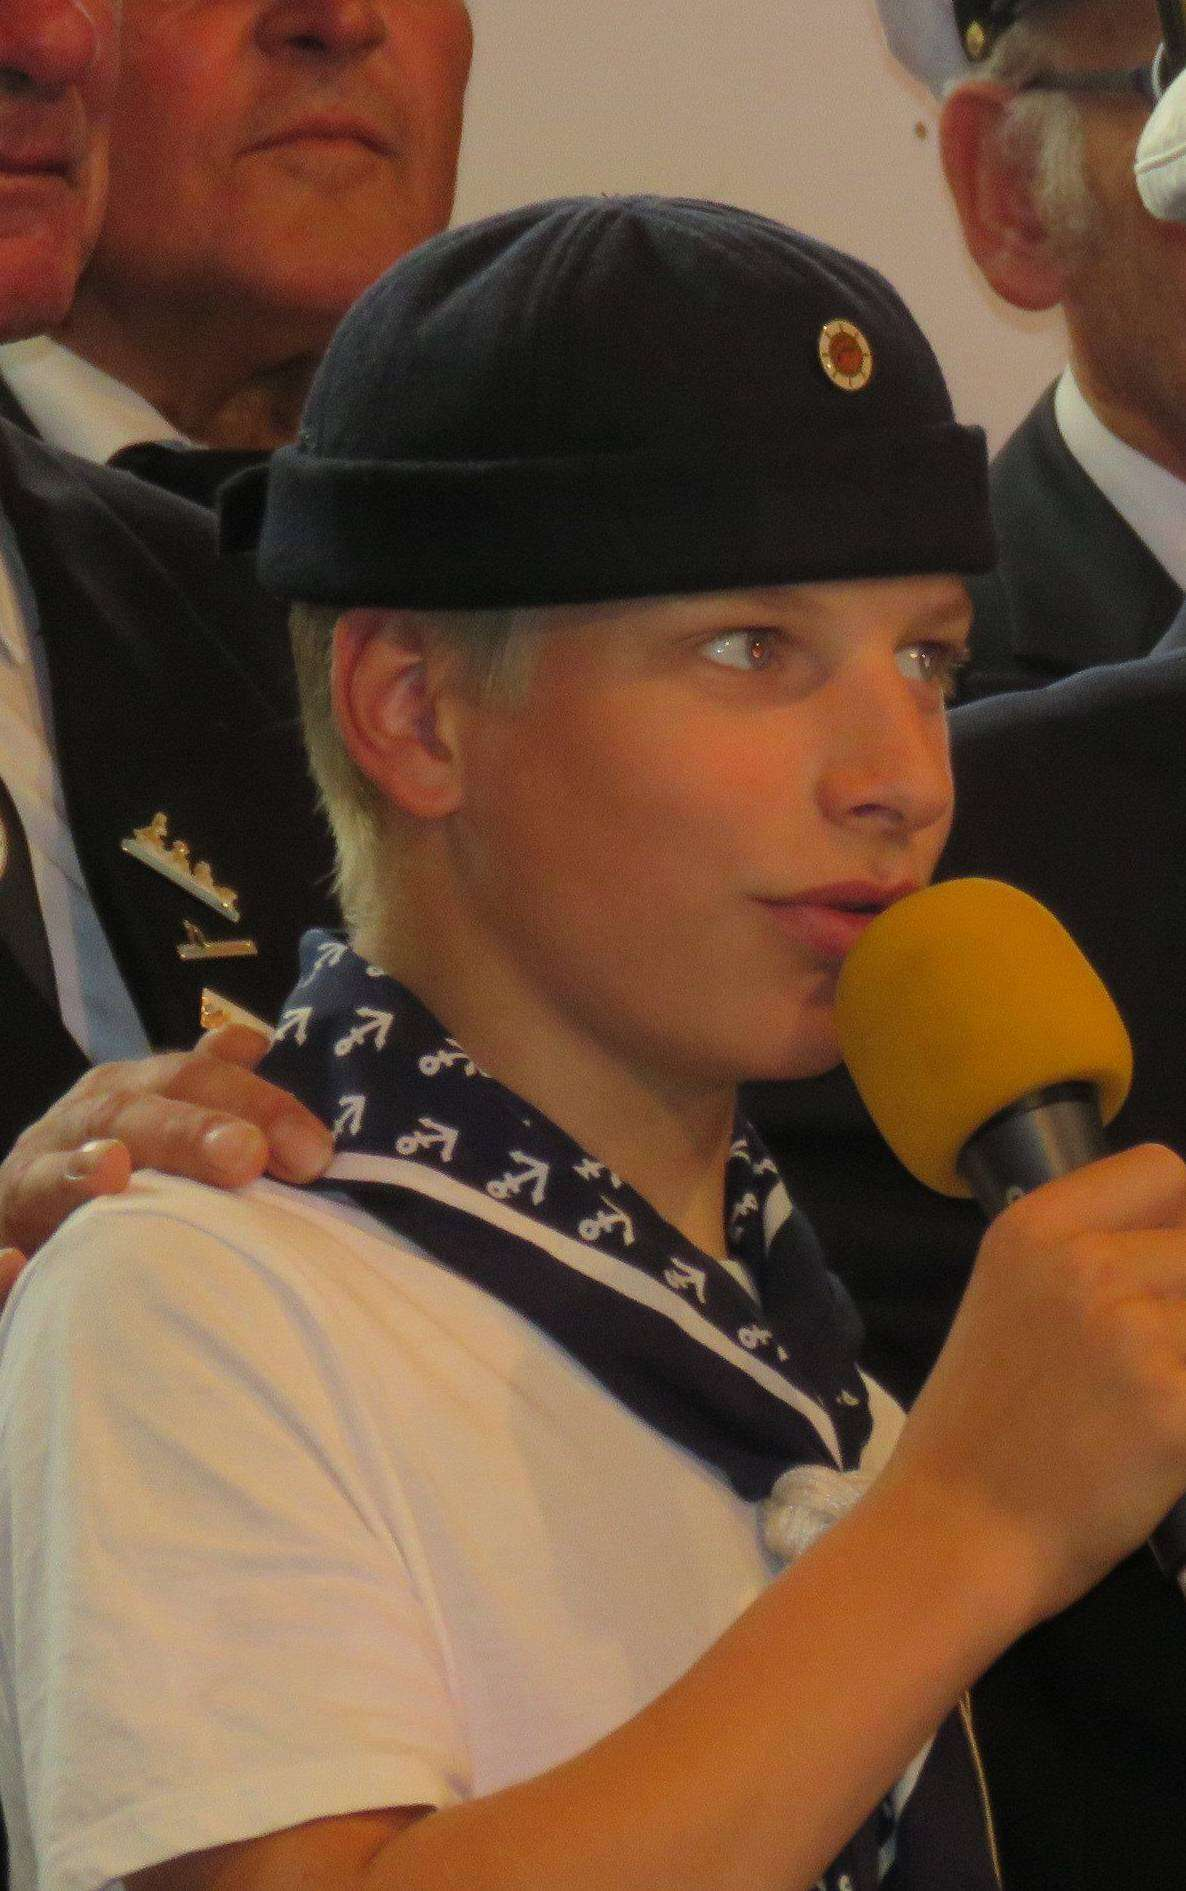 Niklas, ein selbstbewusster junger Sänger, hatte seinen ersten Solo-Auftritt und absolvierte ihn bravourös.  Foto: Elke Keppler-Rosenau